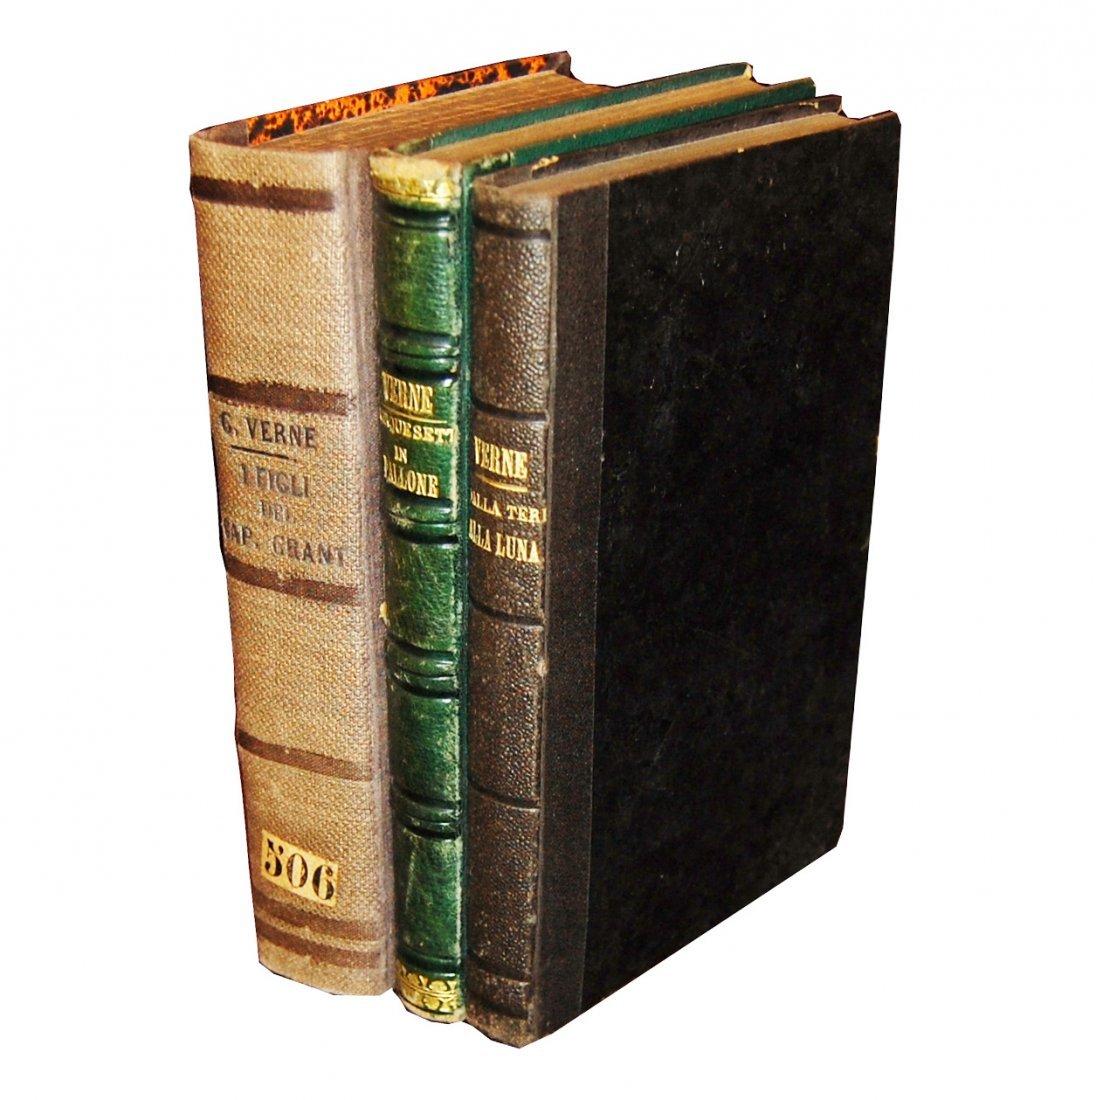 [Novels] Verne, 1872-73, 3 wks